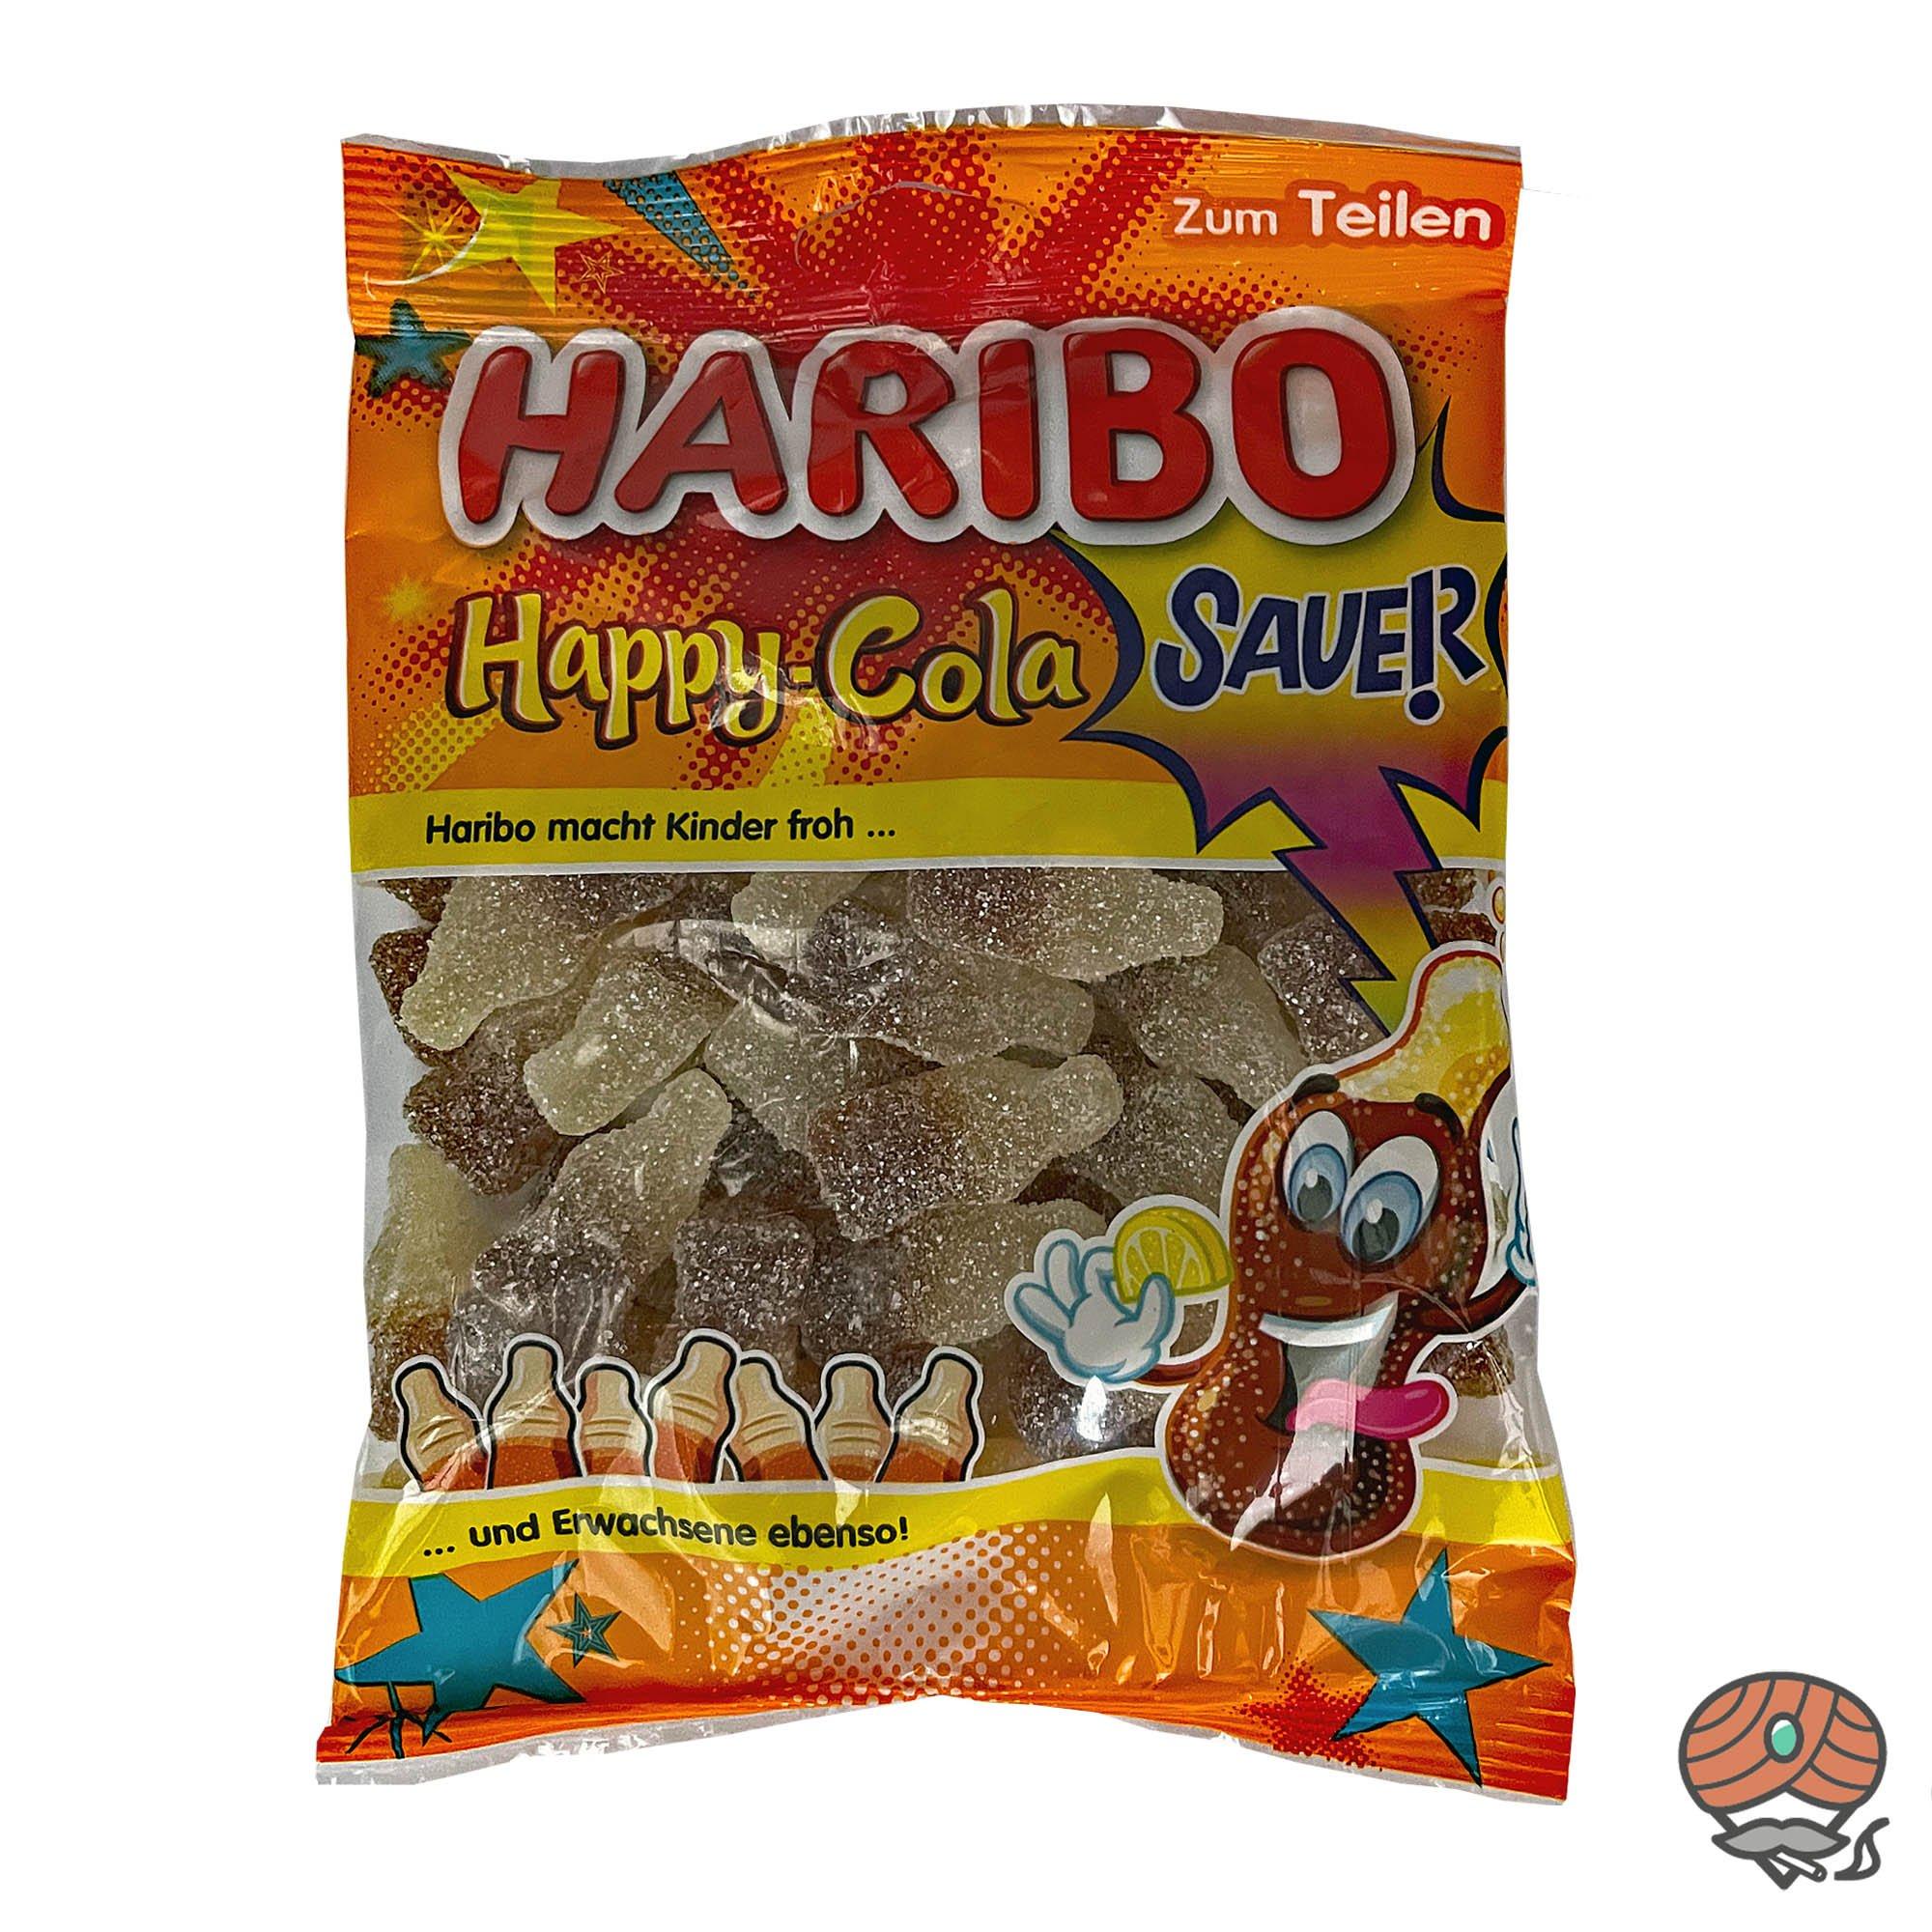 Haribo Happy Cola Sauer 200g